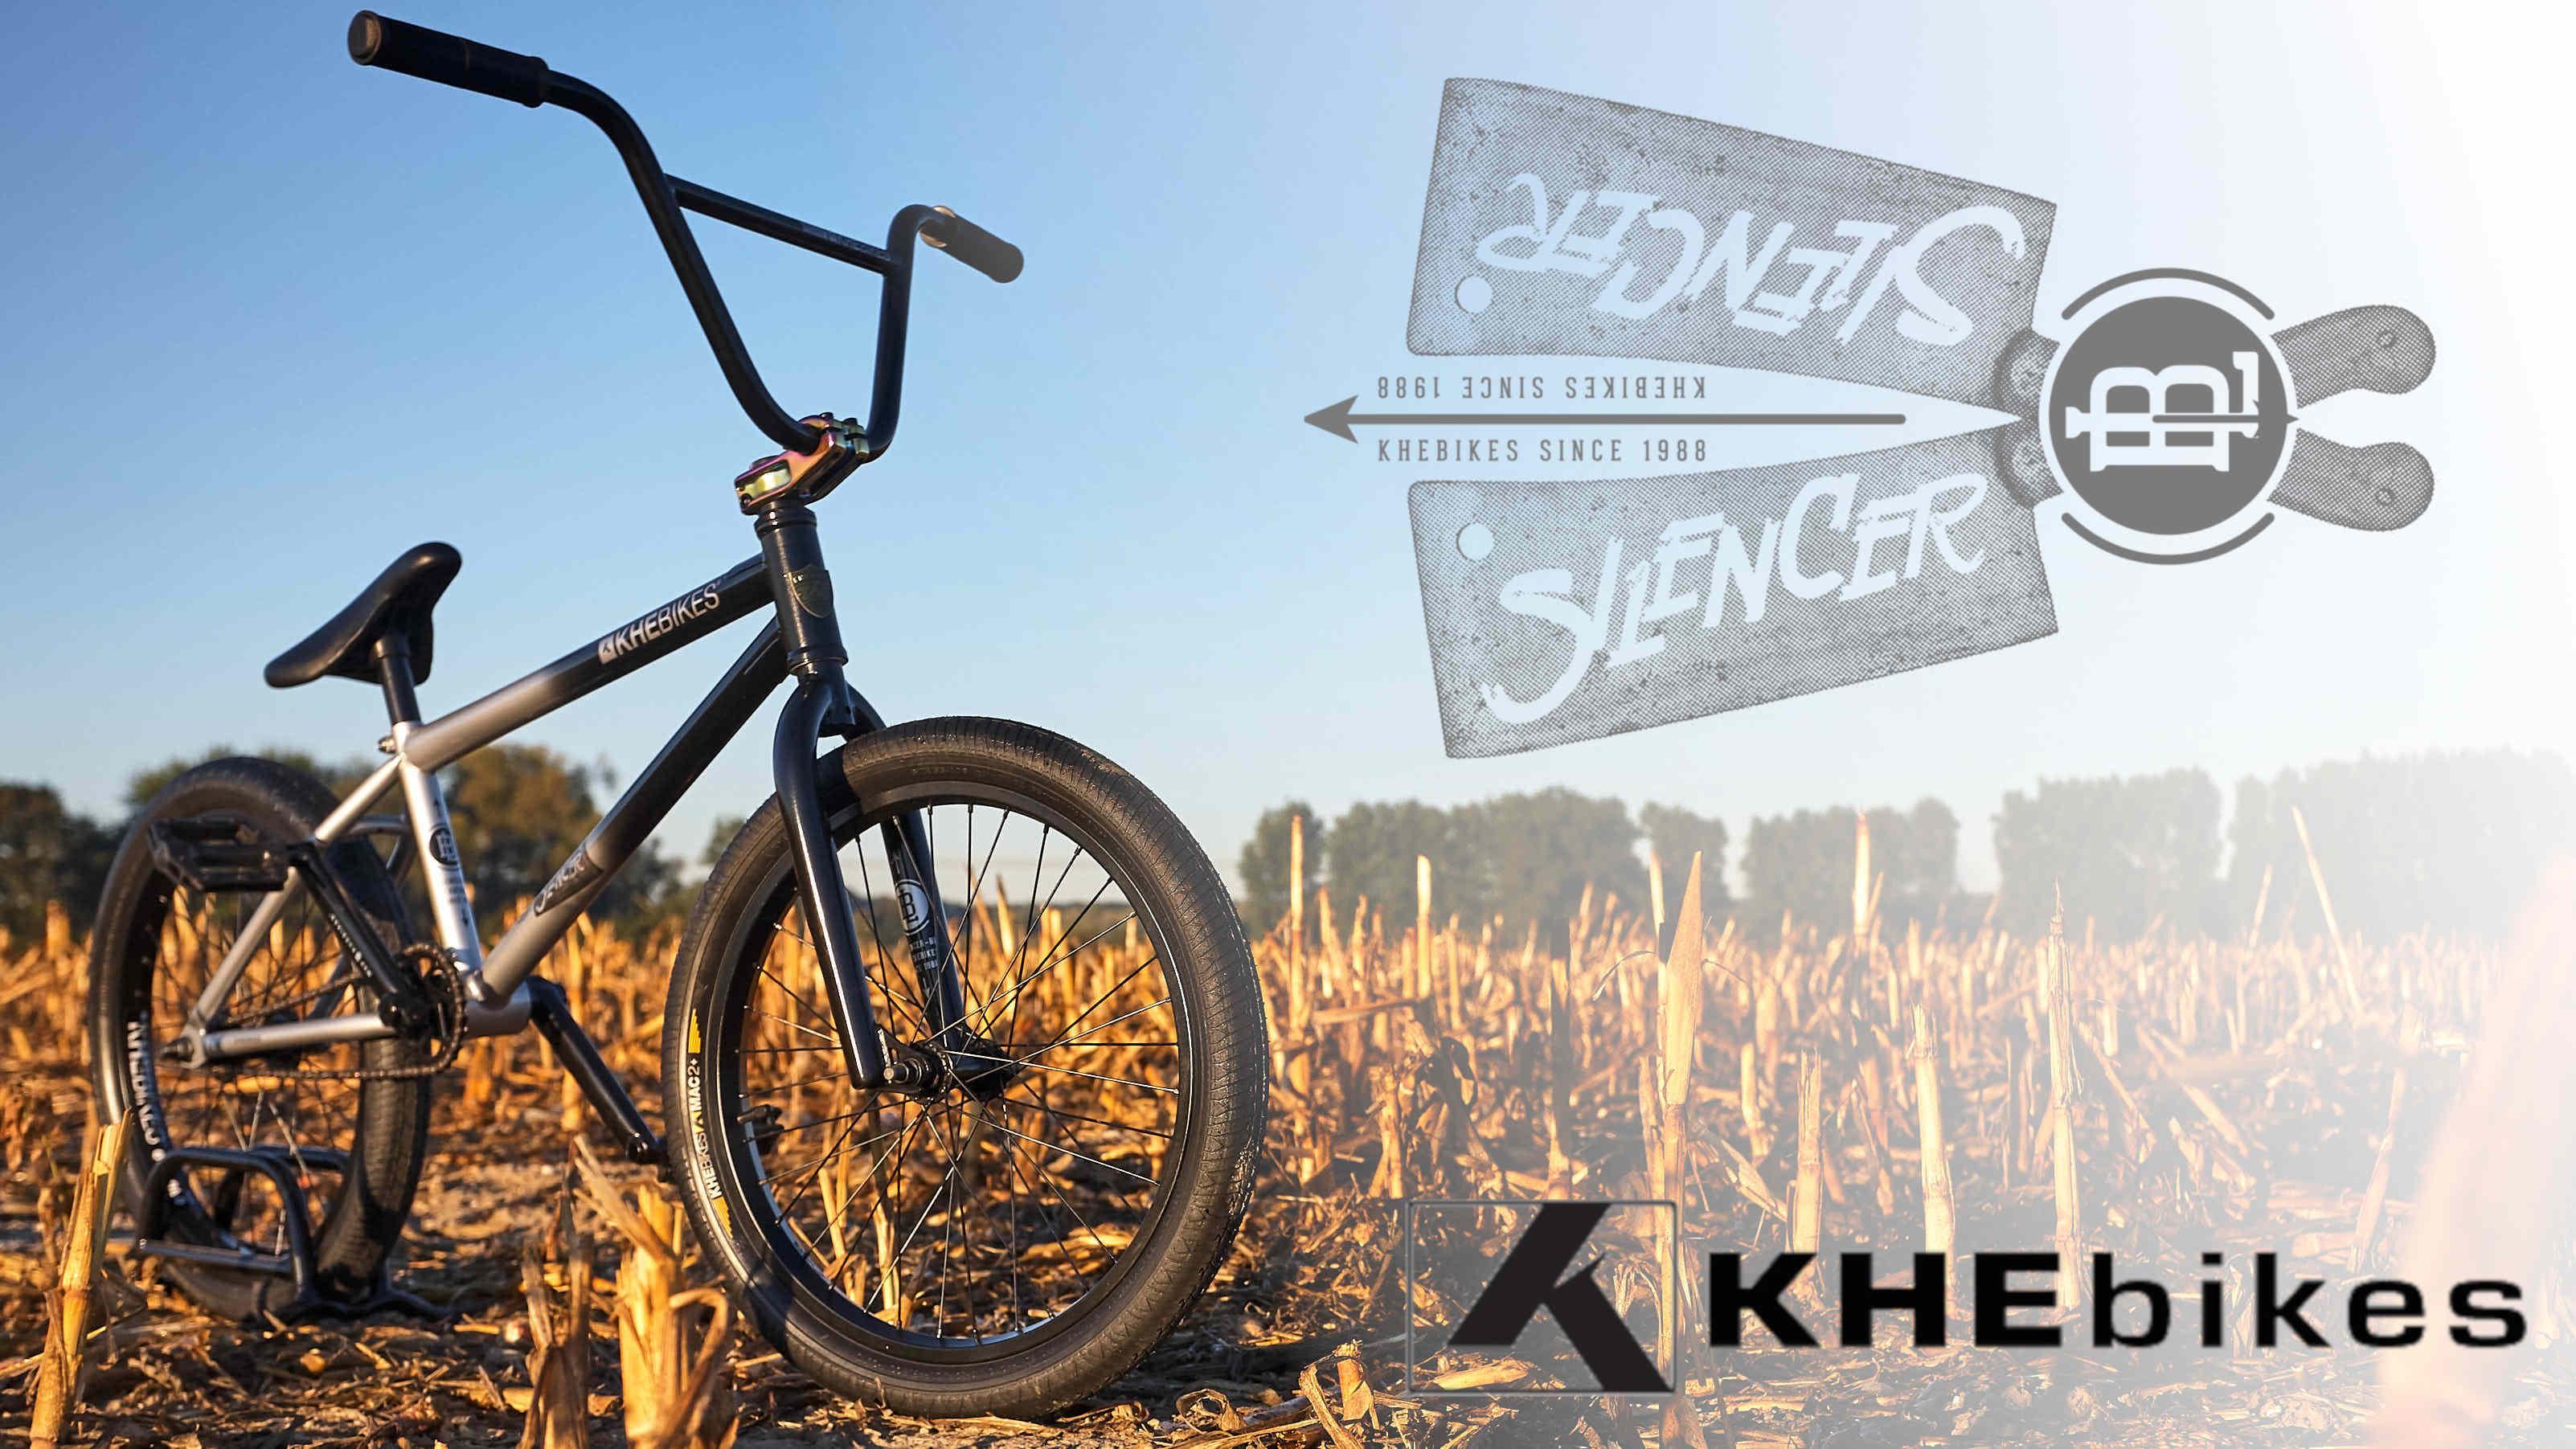 Silencer-Banner-klein54PGUtSQeRp8X